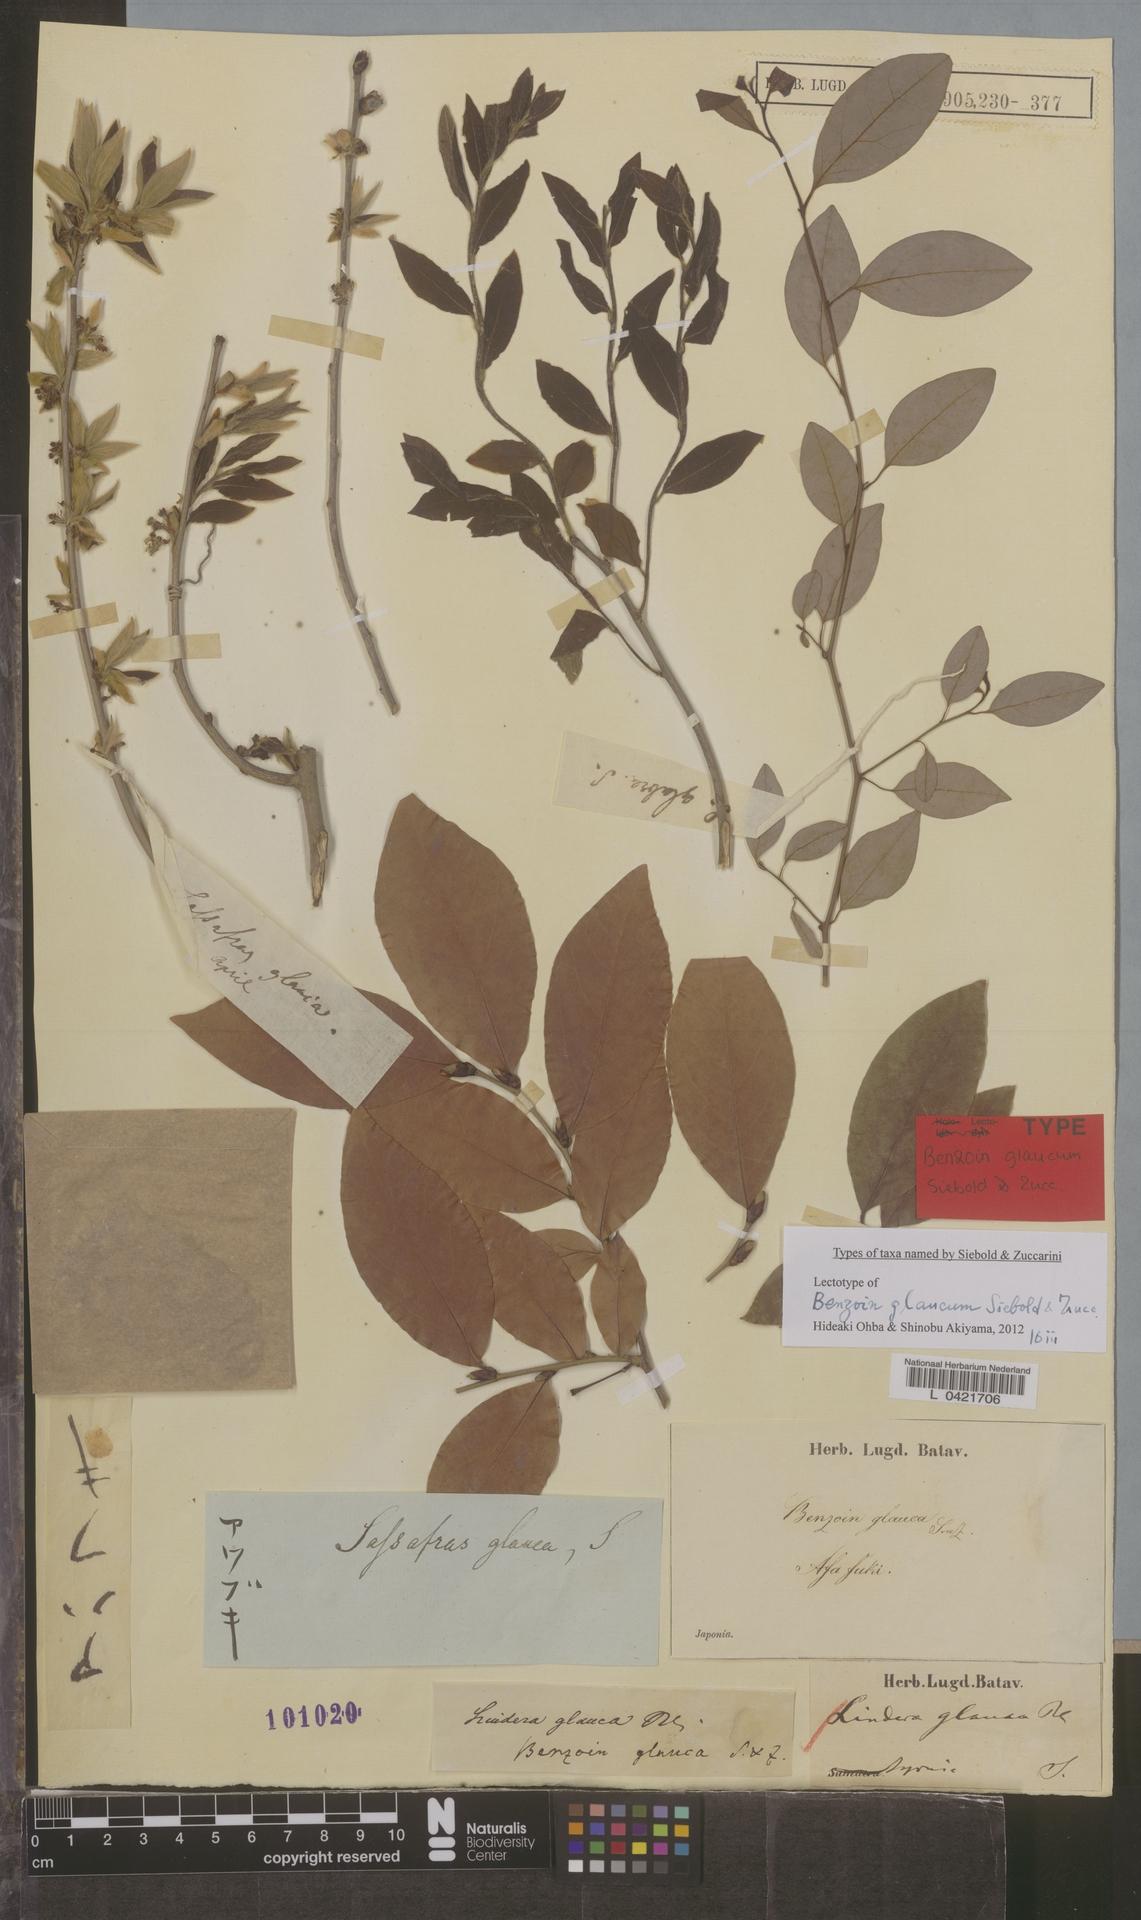 L  0421706 | Lindera glauca Blume